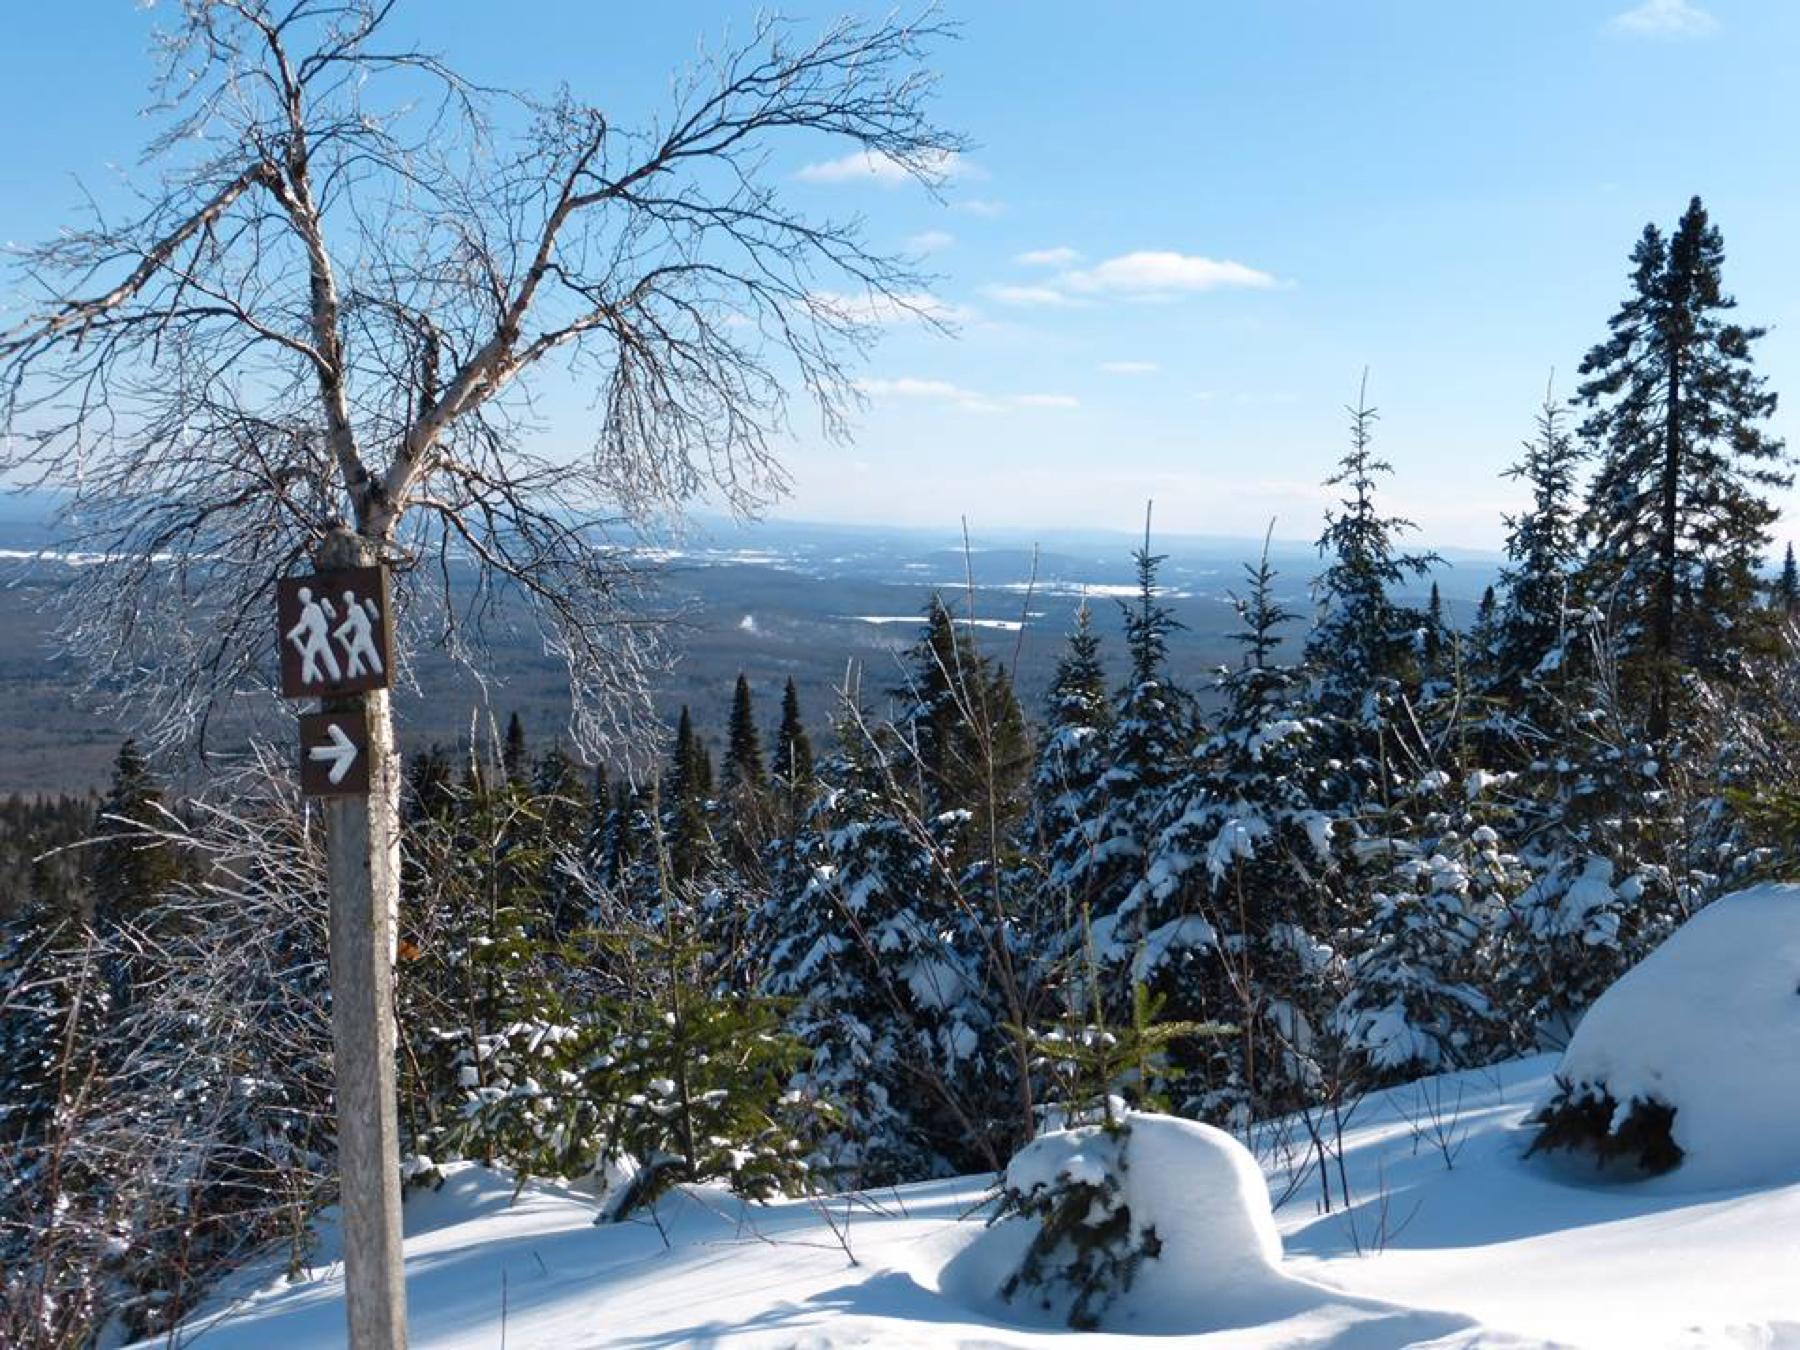 parc-montagne-du-diable-paysage-00132_1800x1350